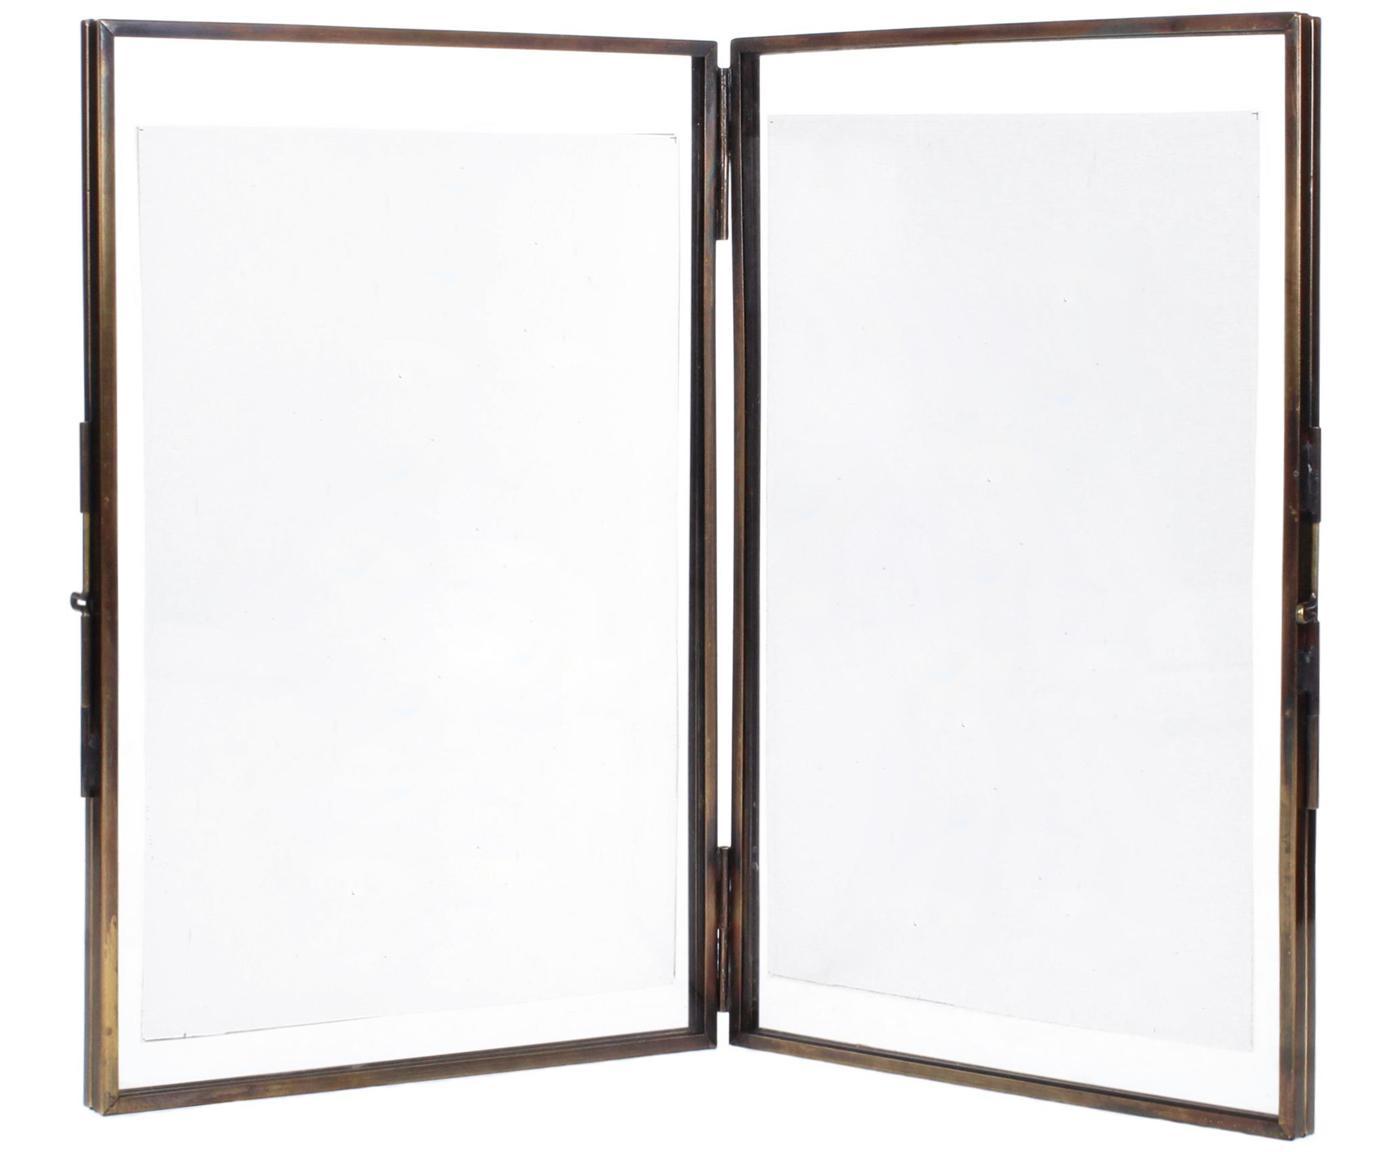 Bilderrahmen Collector Two, Rahmen: Messing, beschichtet, Front: Glas, Bronzefarben, 10 x 15 cm